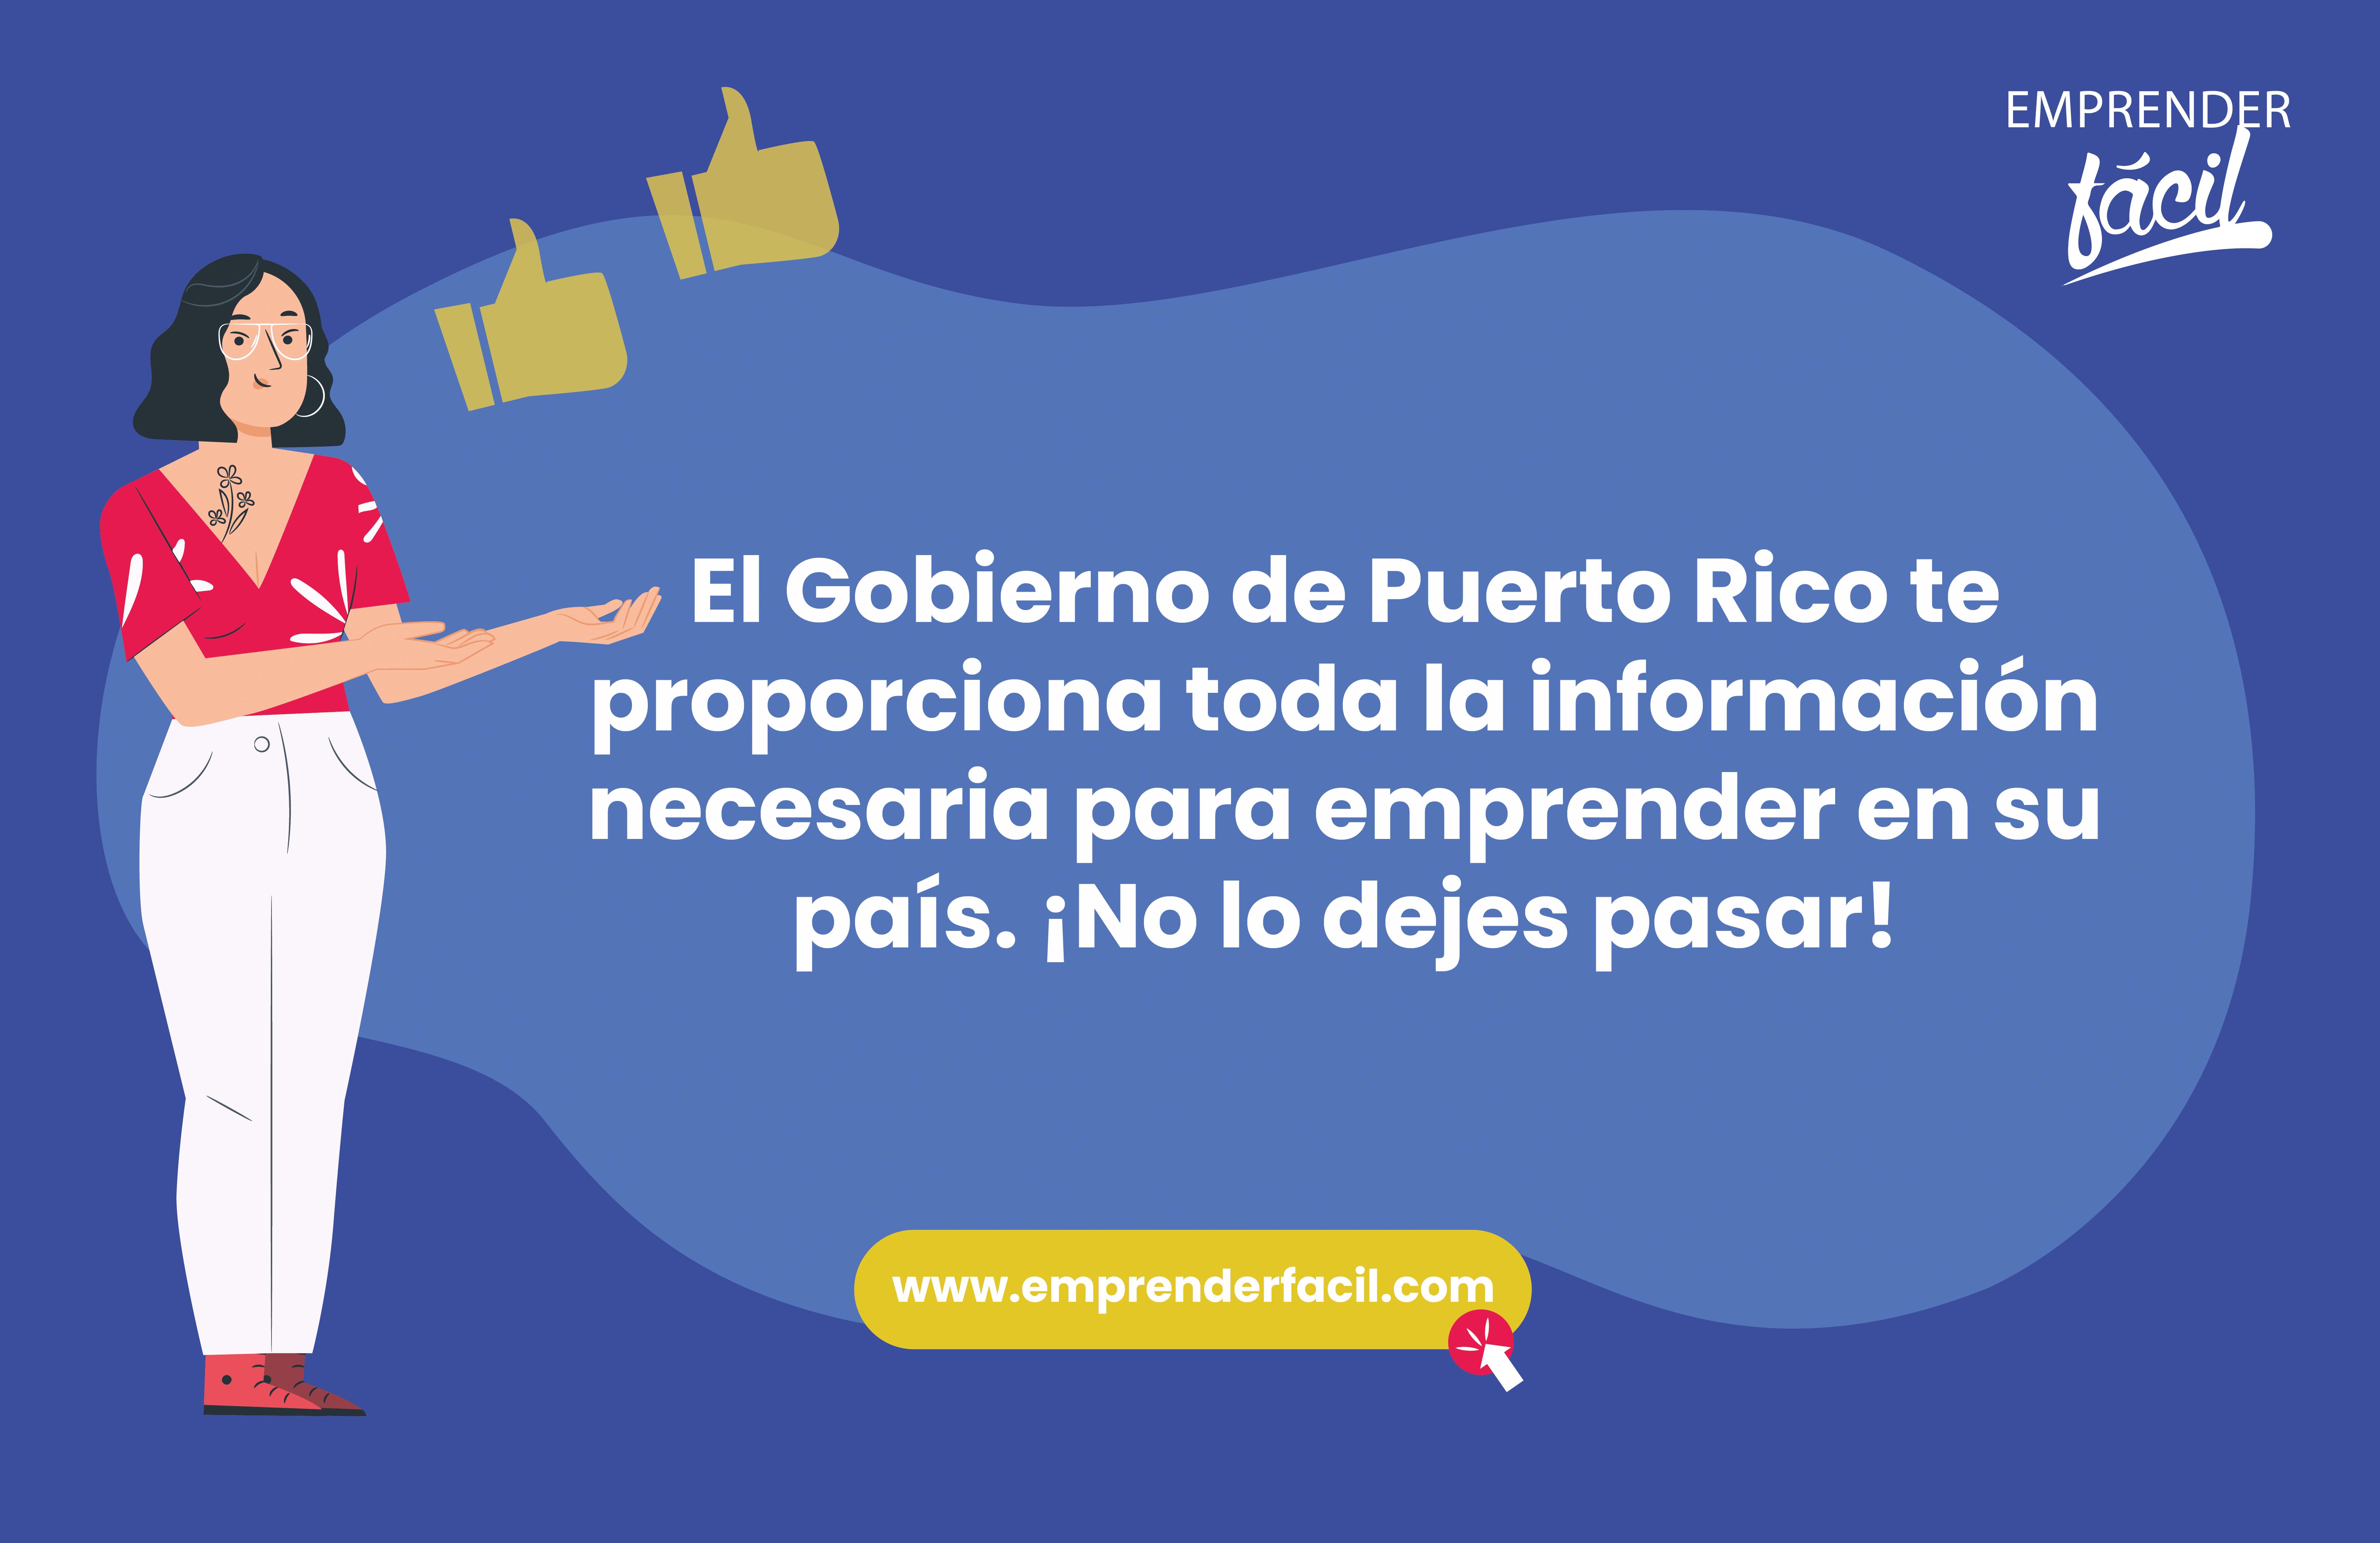 Establecer negocios rentables en Puerto Rico.